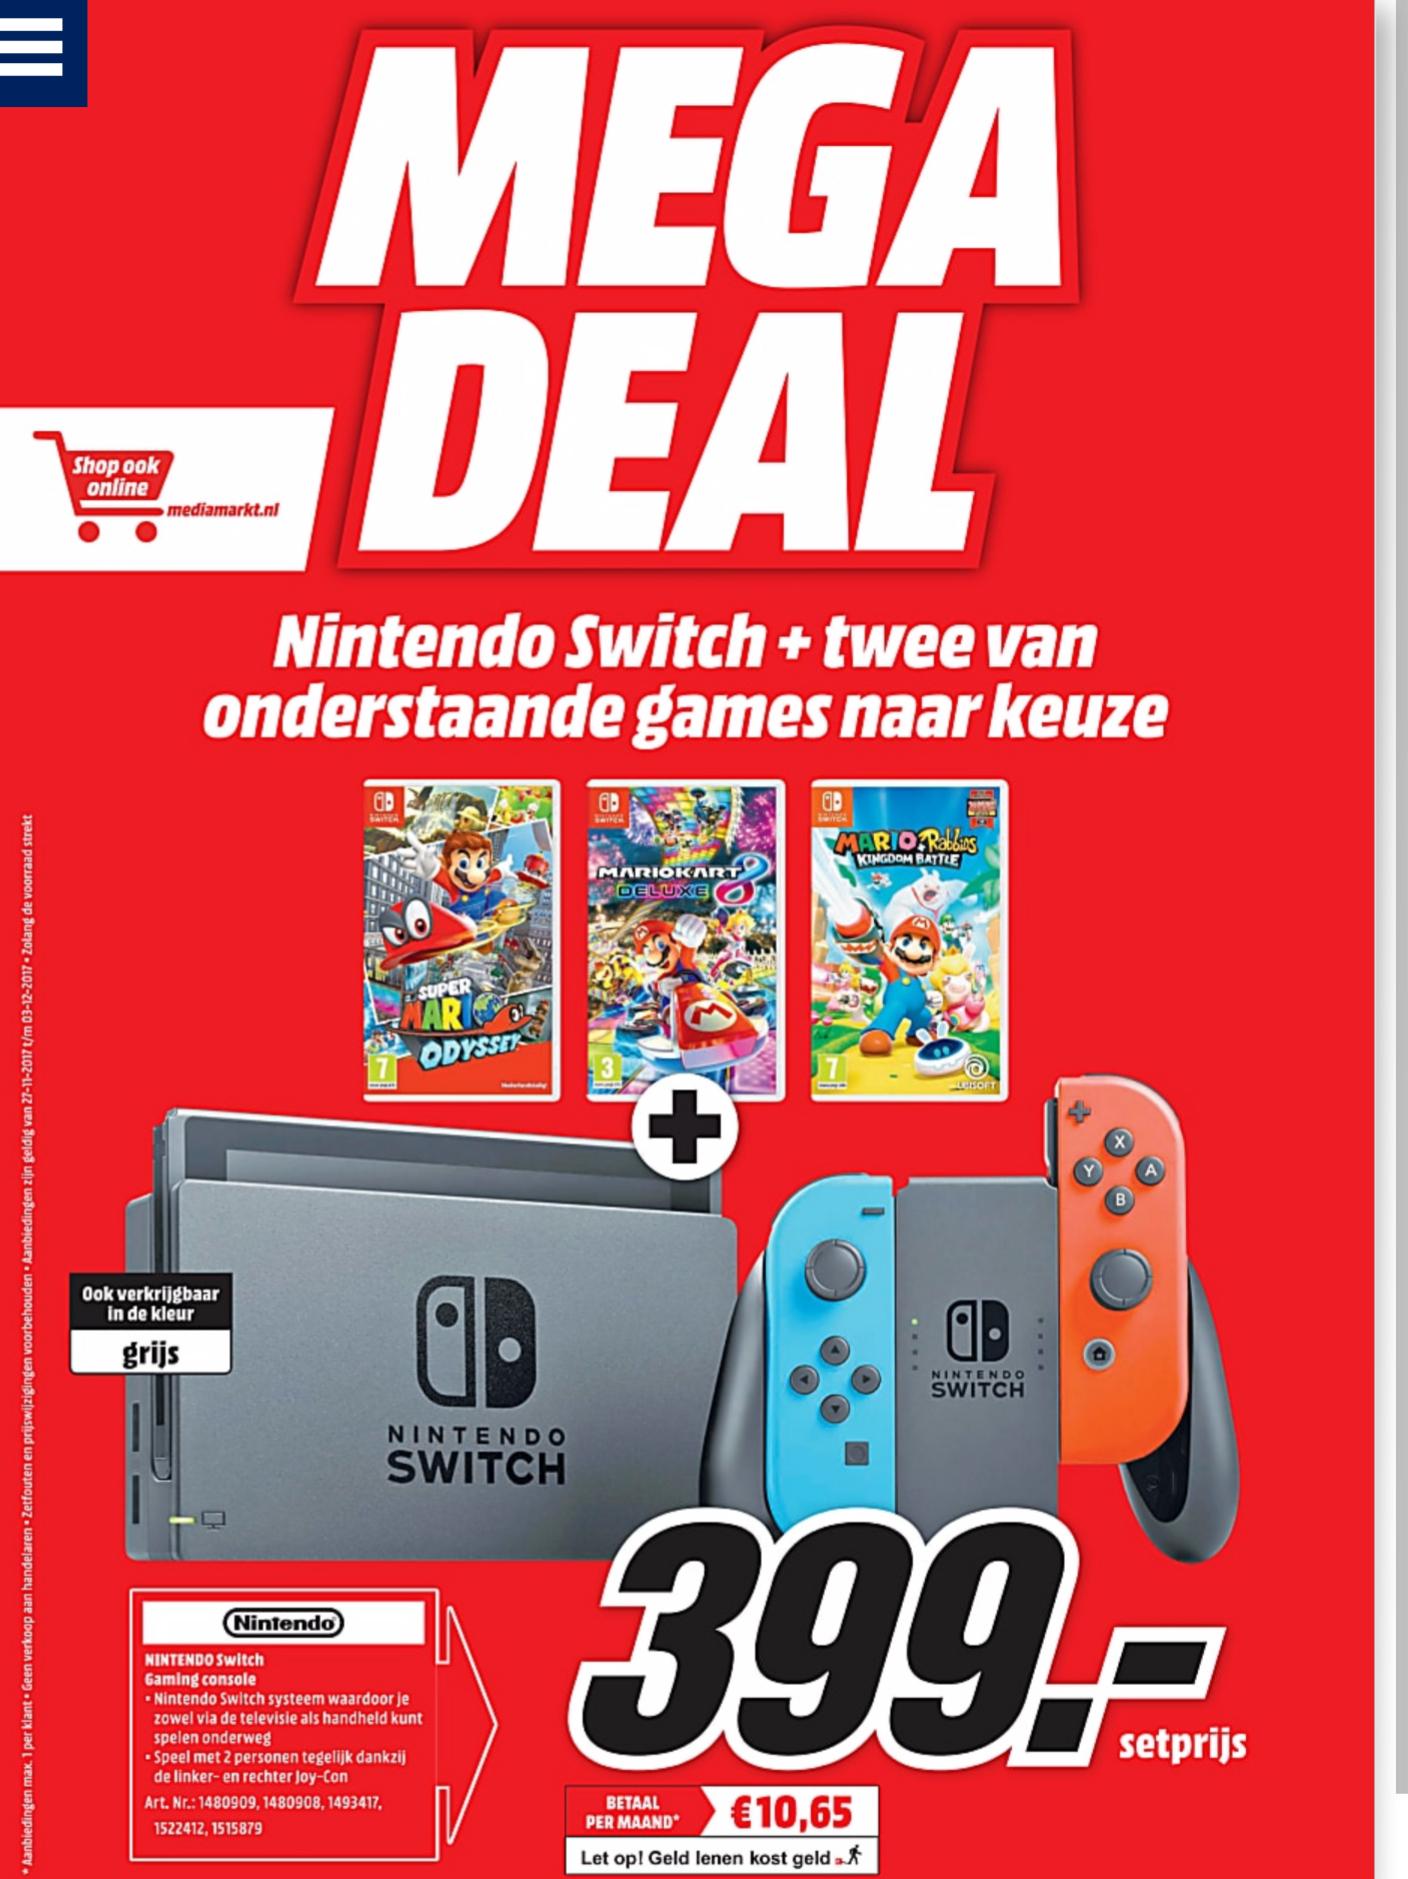 Megadeal: Nintendo Switch met 2 games € 399 @ Mediamarkt